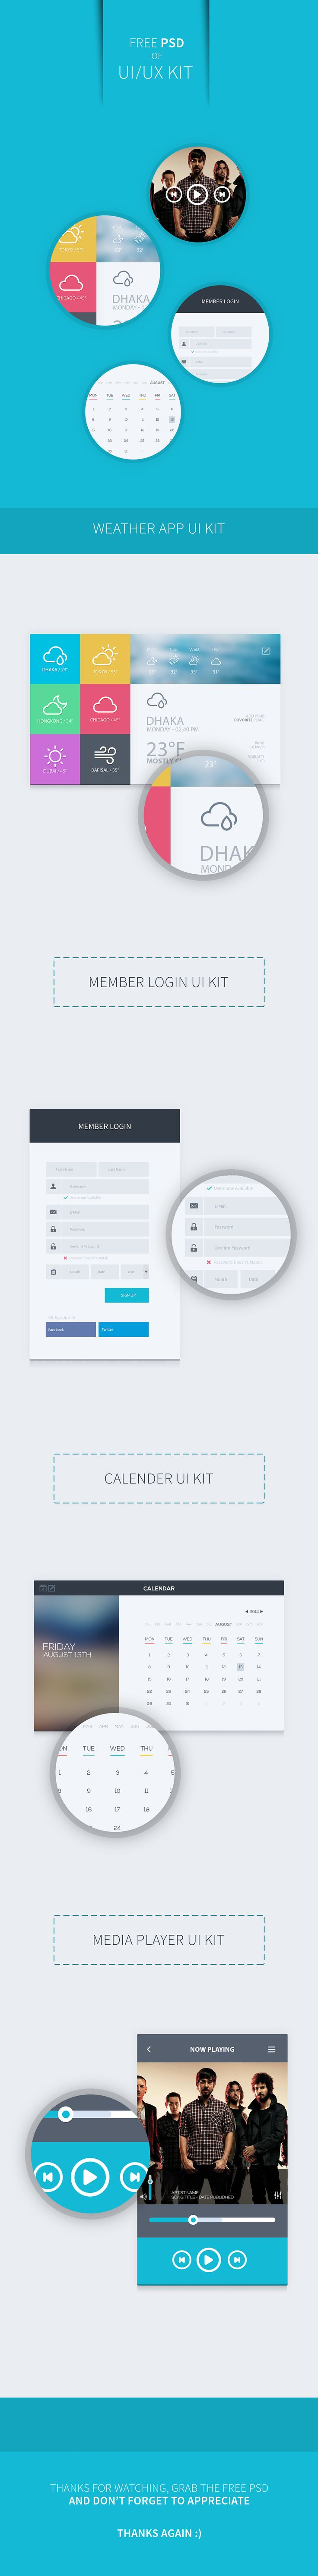 UI/UX KIT on Behance